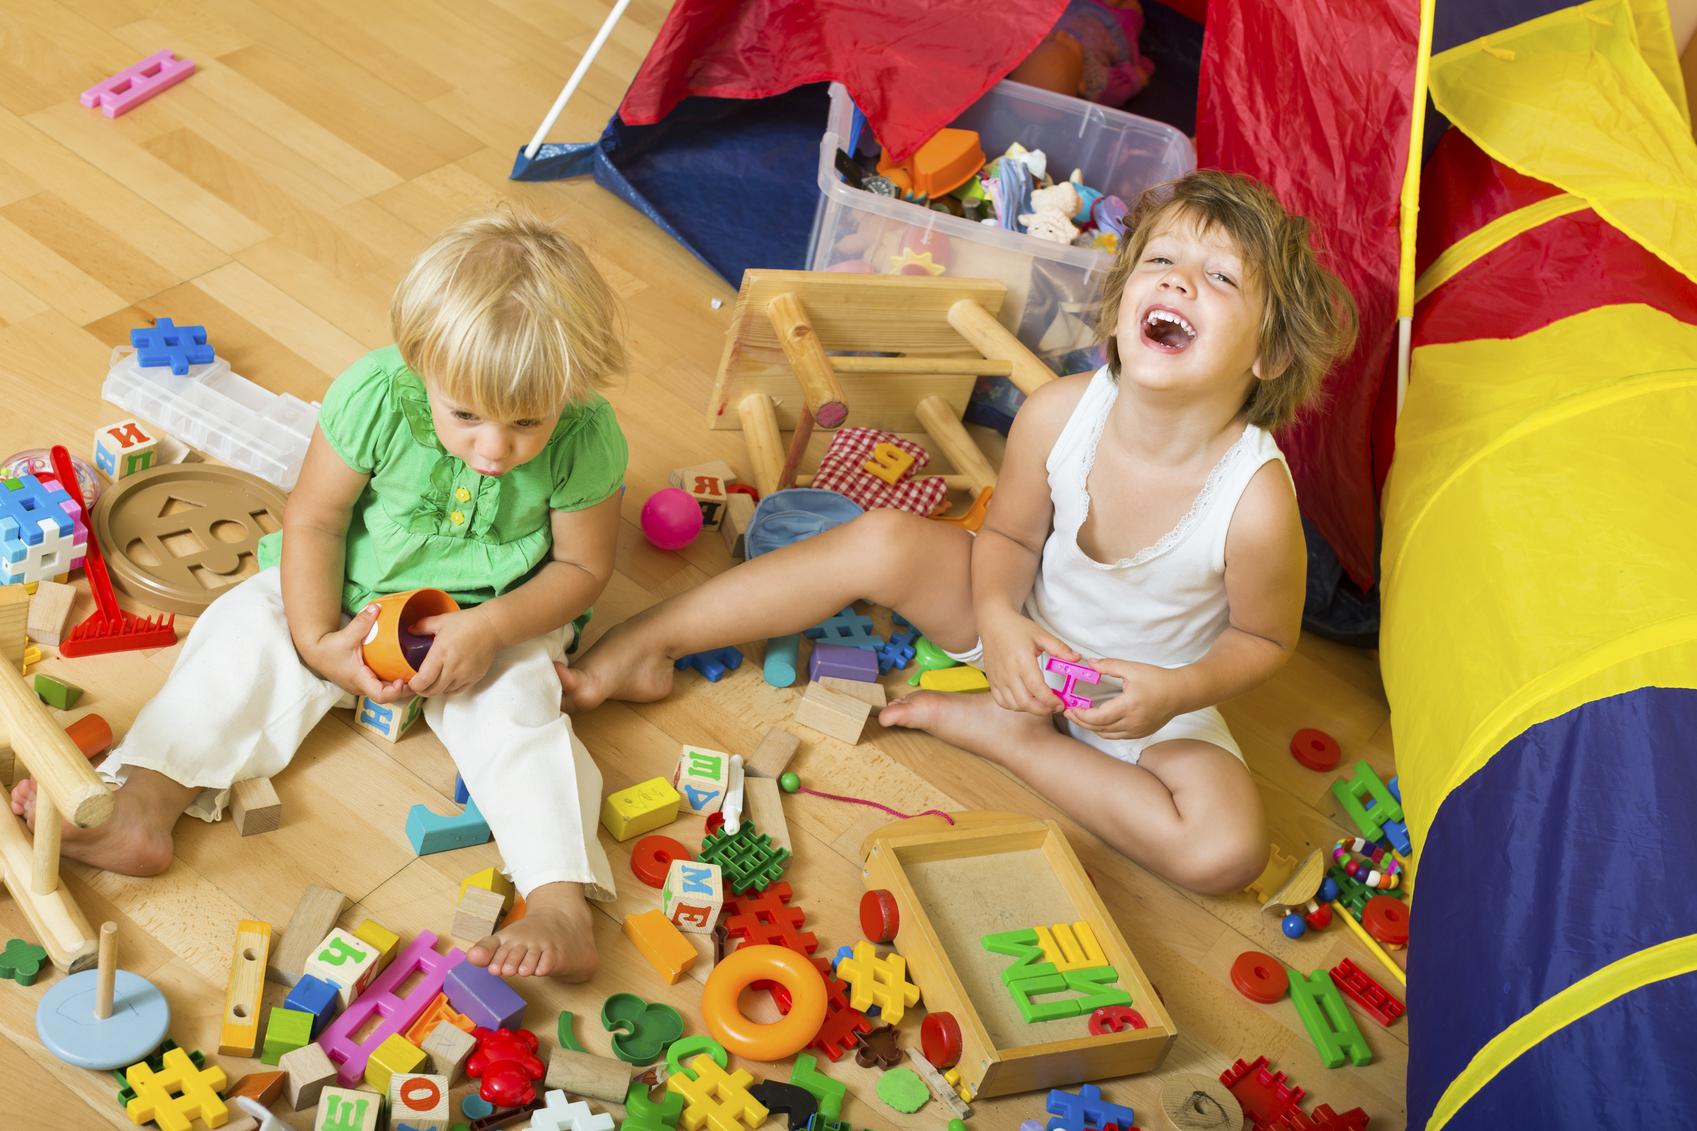 De niños y juguetes a menudo menos es más